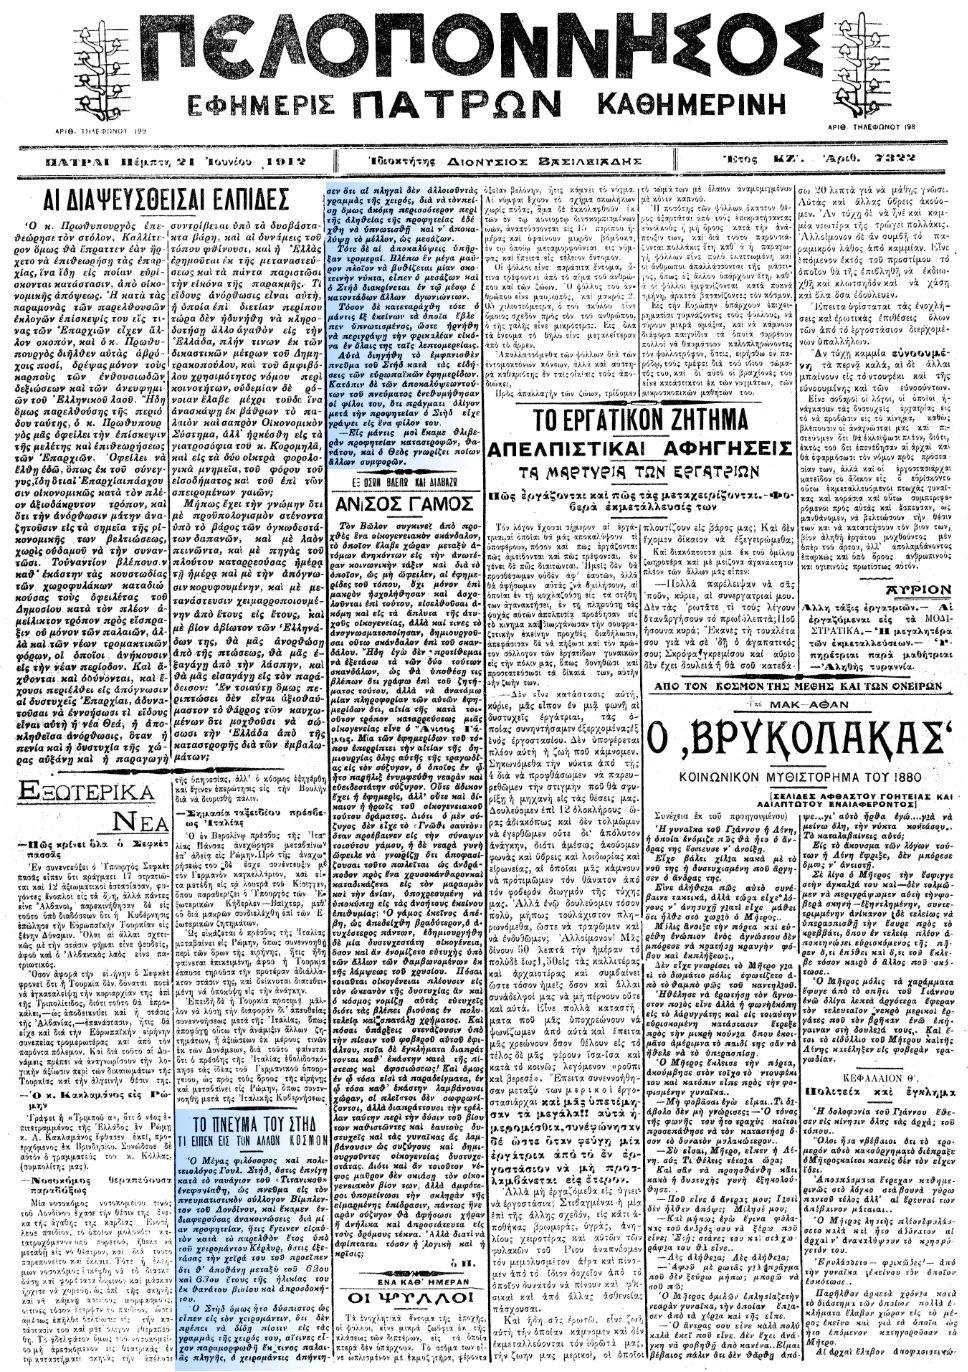 """Το άρθρο, όπως δημοσιεύθηκε στην εφημερίδα """"ΠΕΛΟΠΟΝΝΗΣΟΣ"""", στις 21/06/1912"""